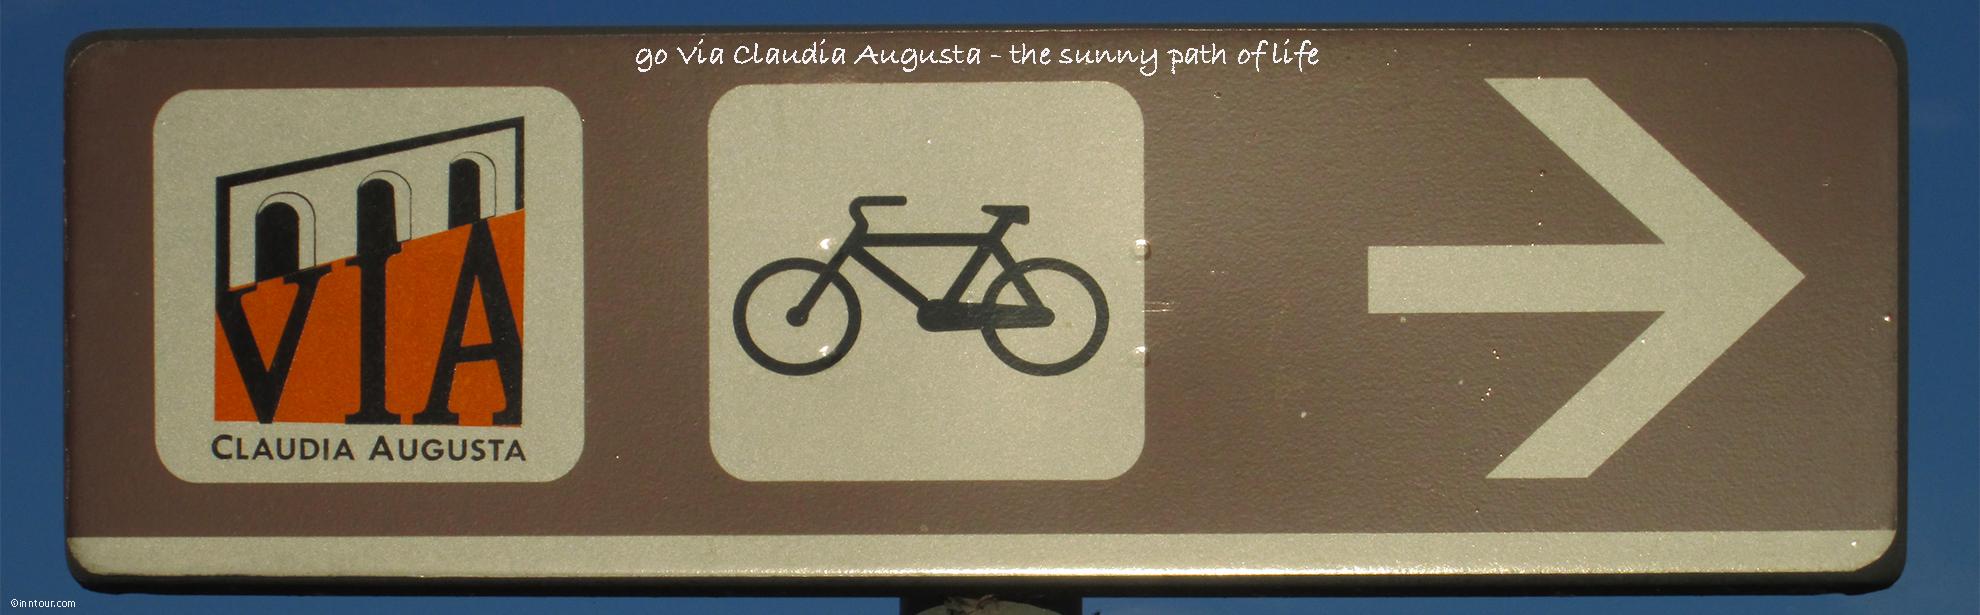 Osportinntour_Via-Claudia-Augusta_IMG_0094